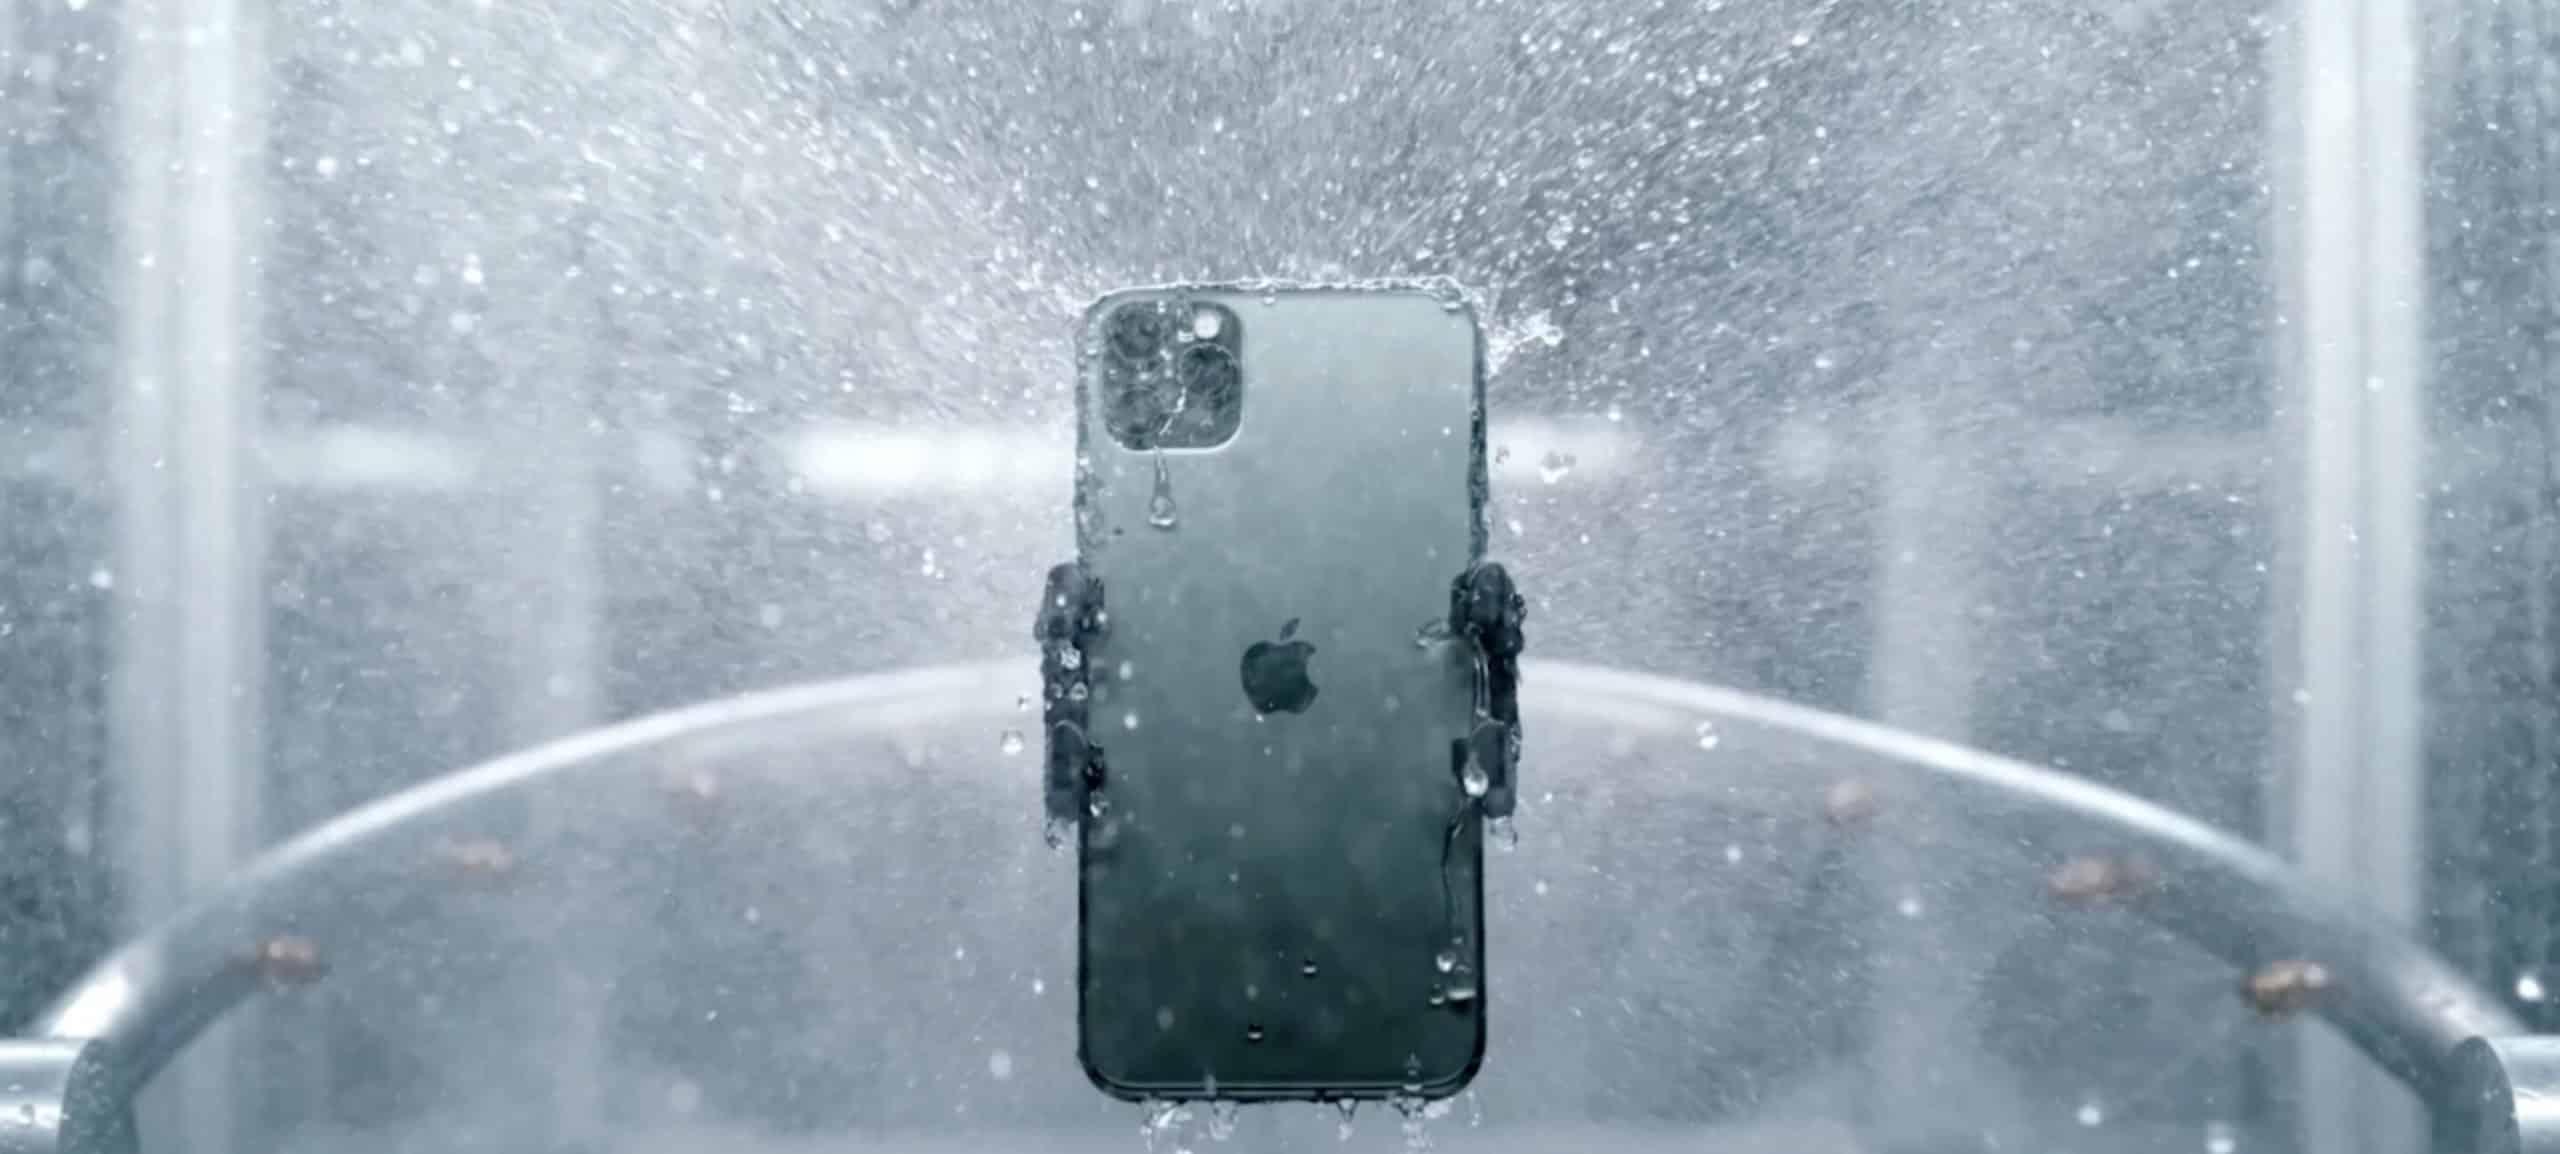 Akkutausch wird wieder teurer: Apple passt die Preise an